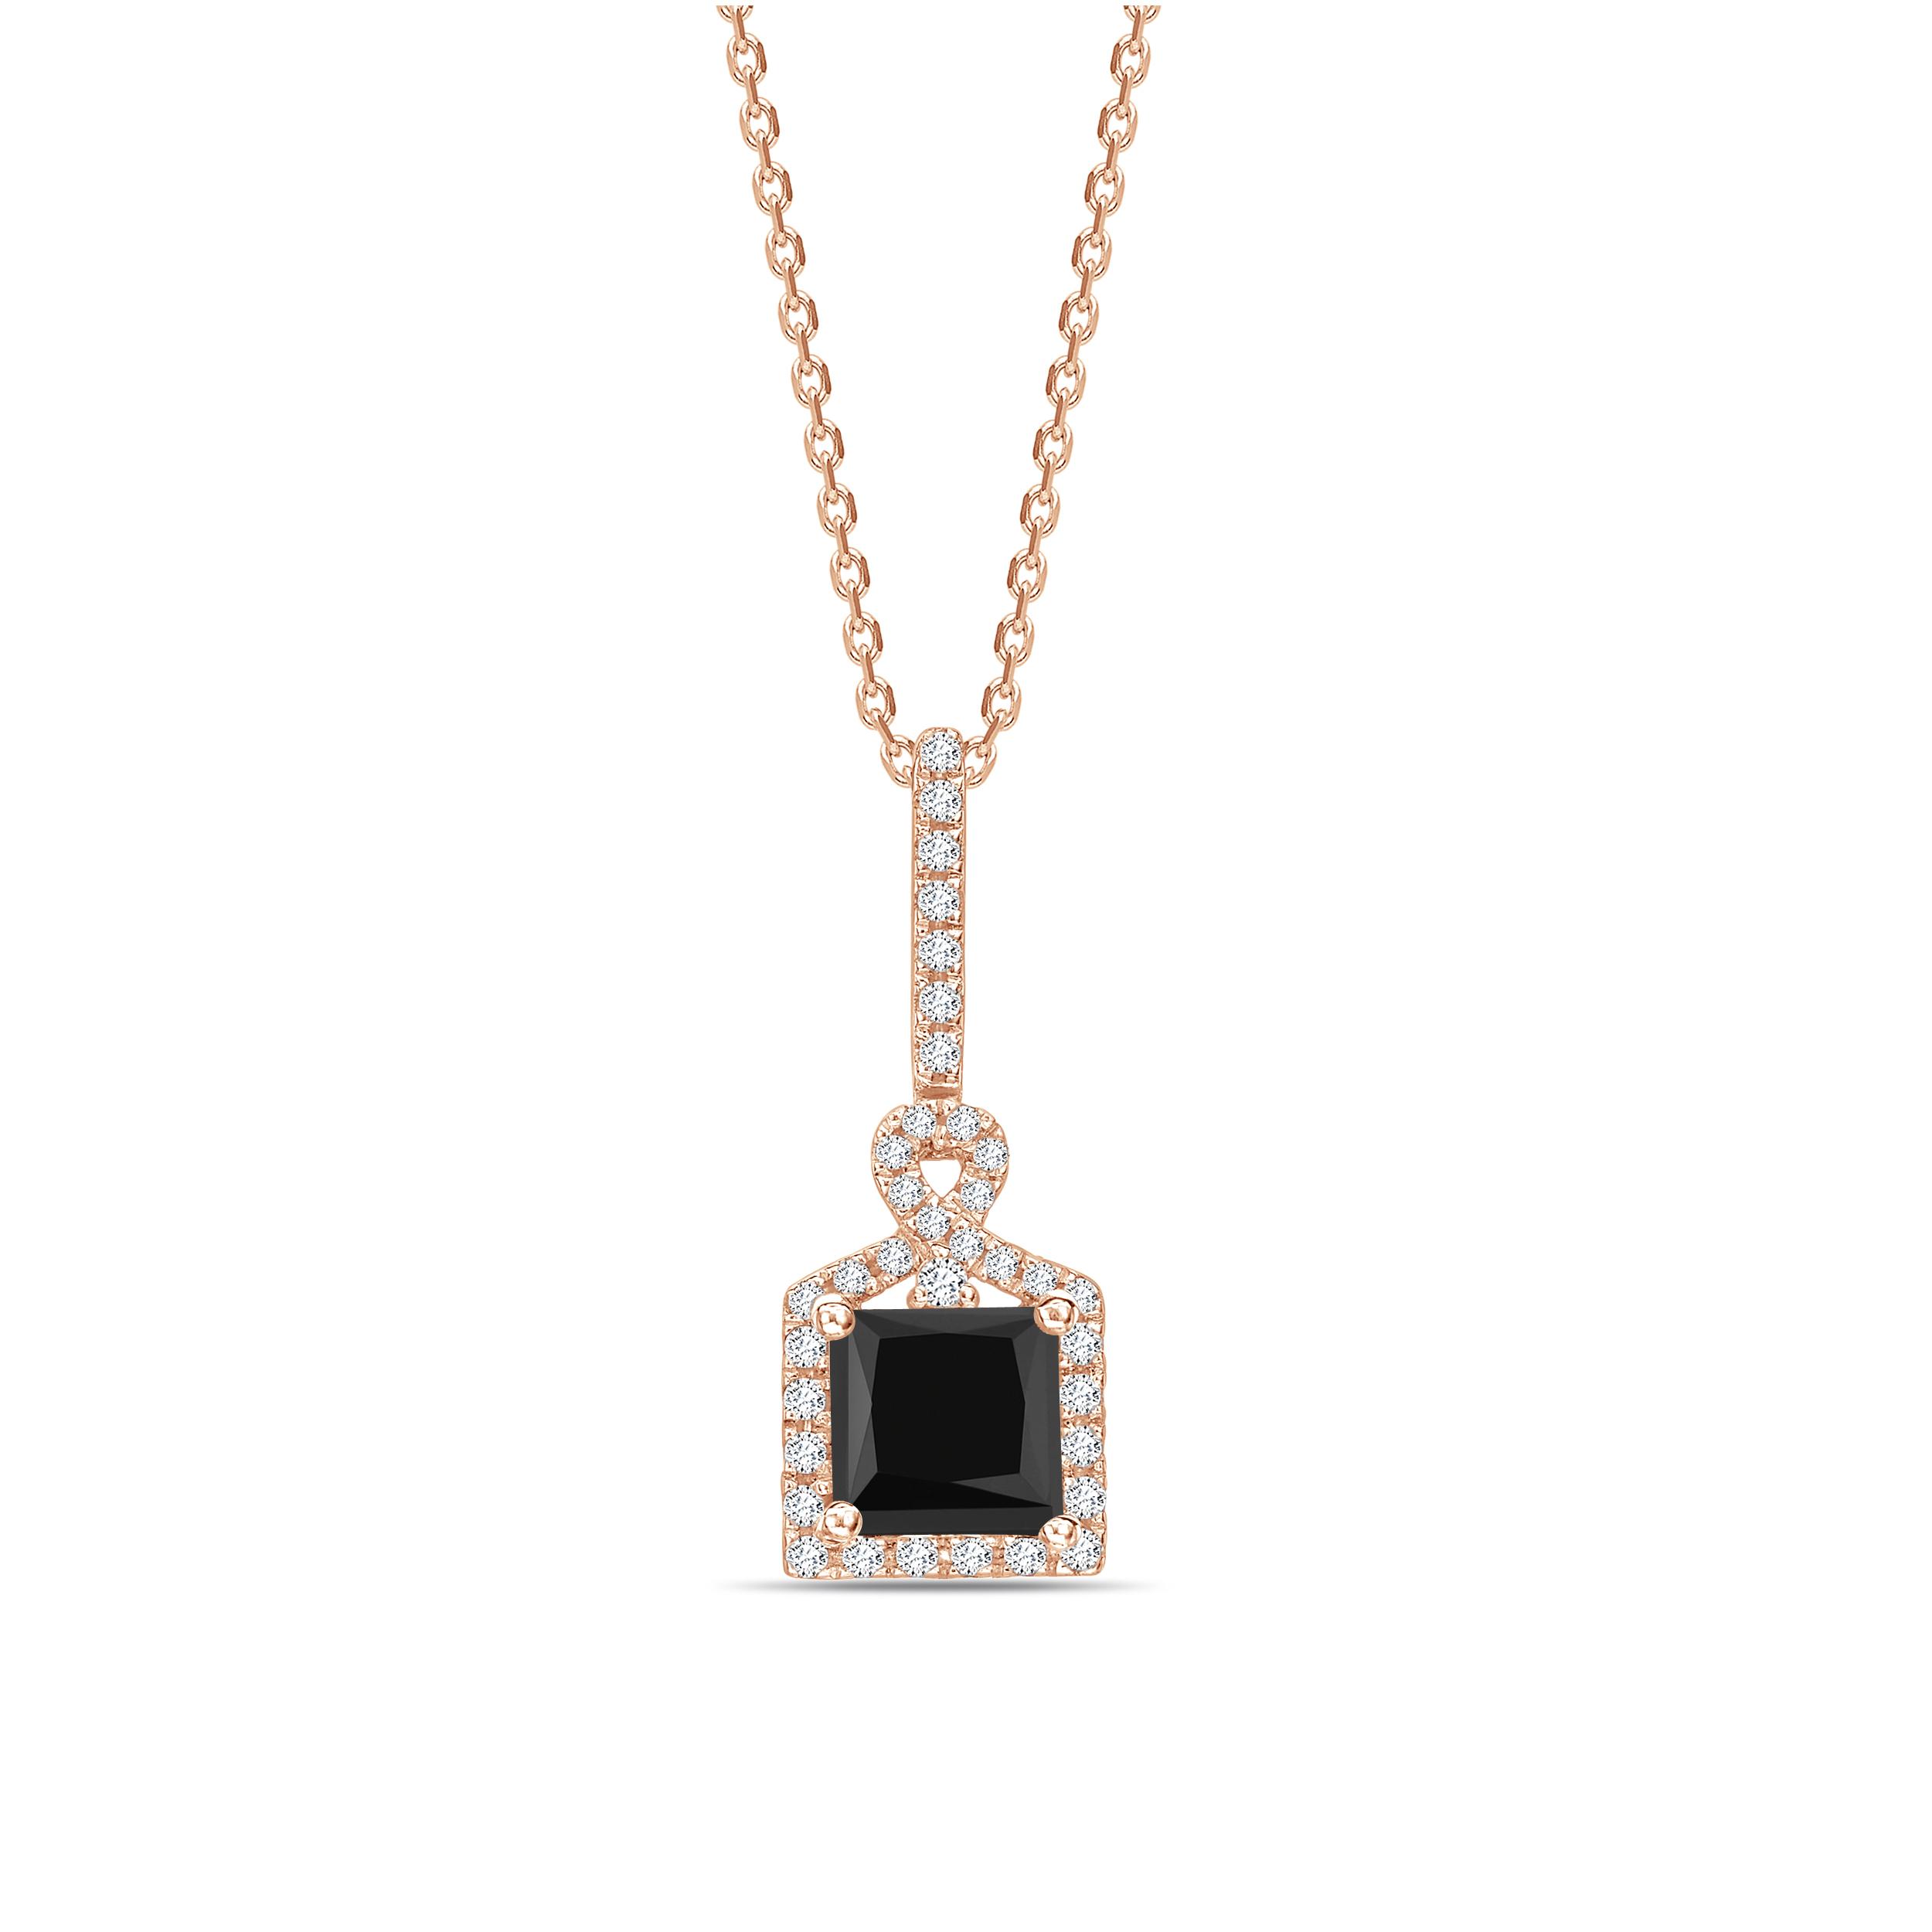 Princess Cut Unique Design Black Diamond Solitaire Pendants Necklace